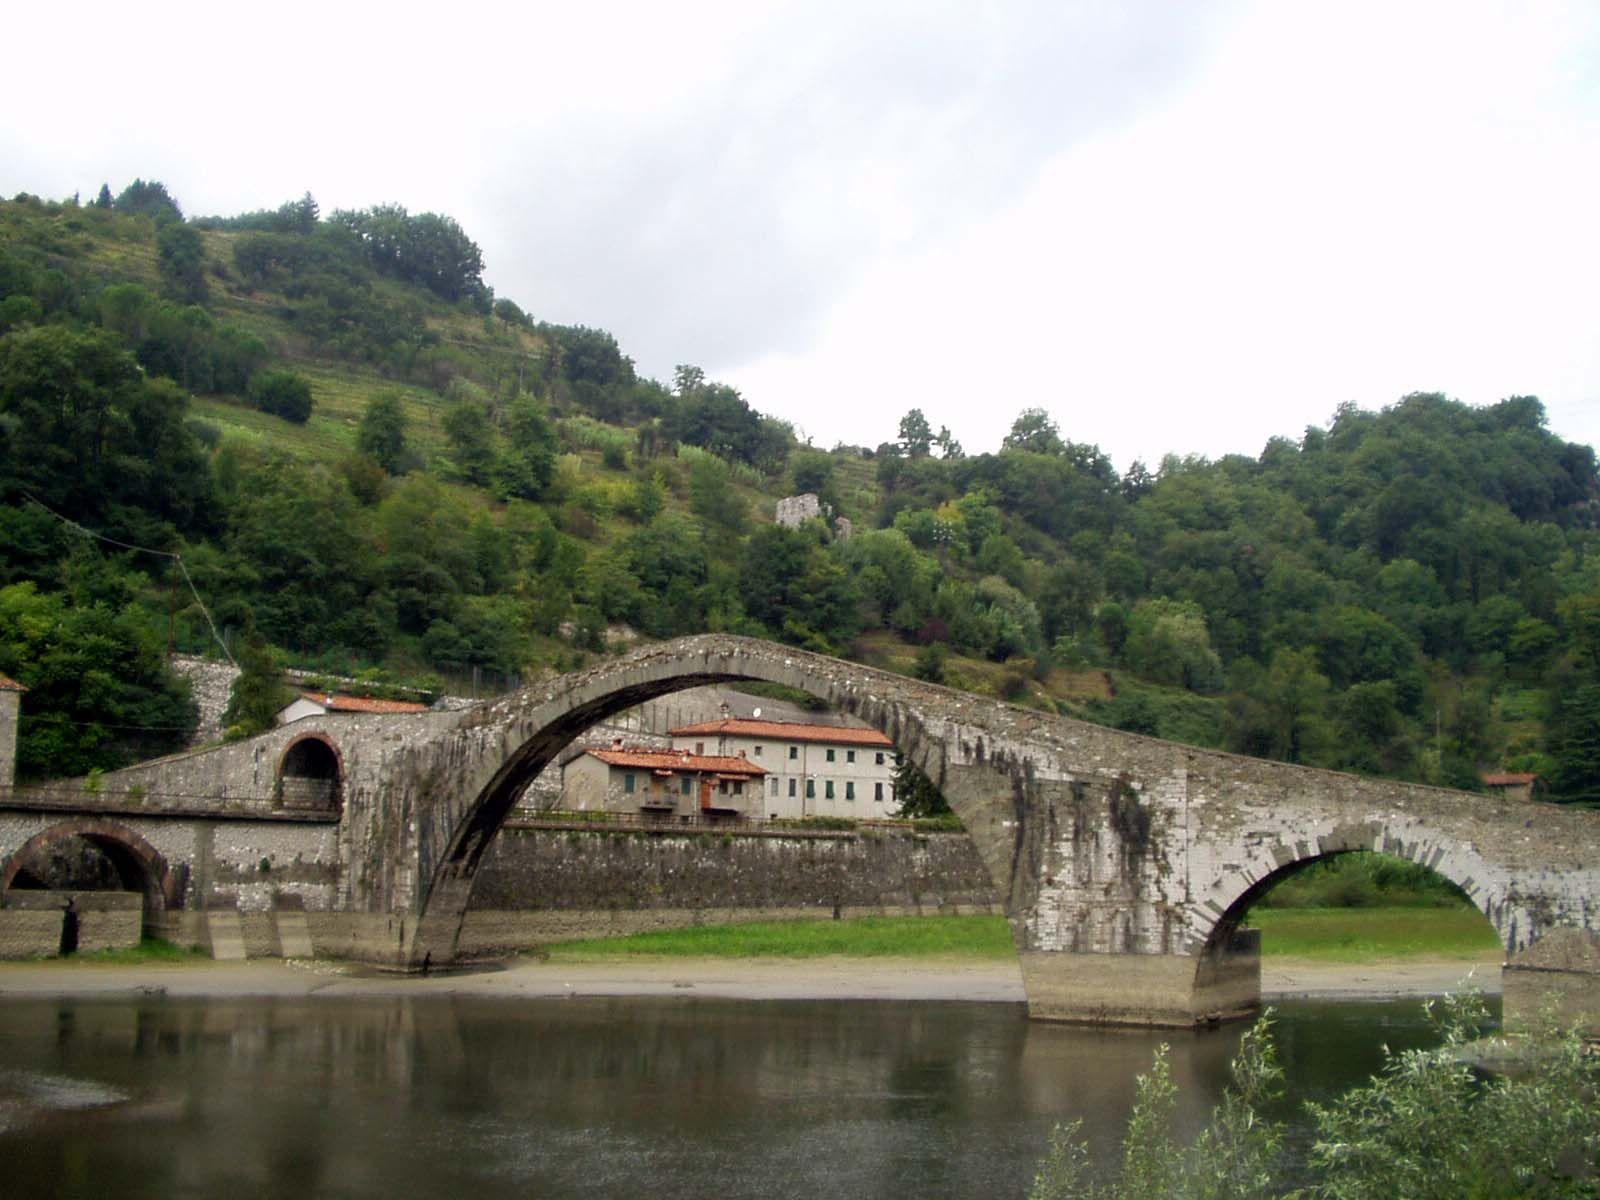 Italie Middeleeuwse brug